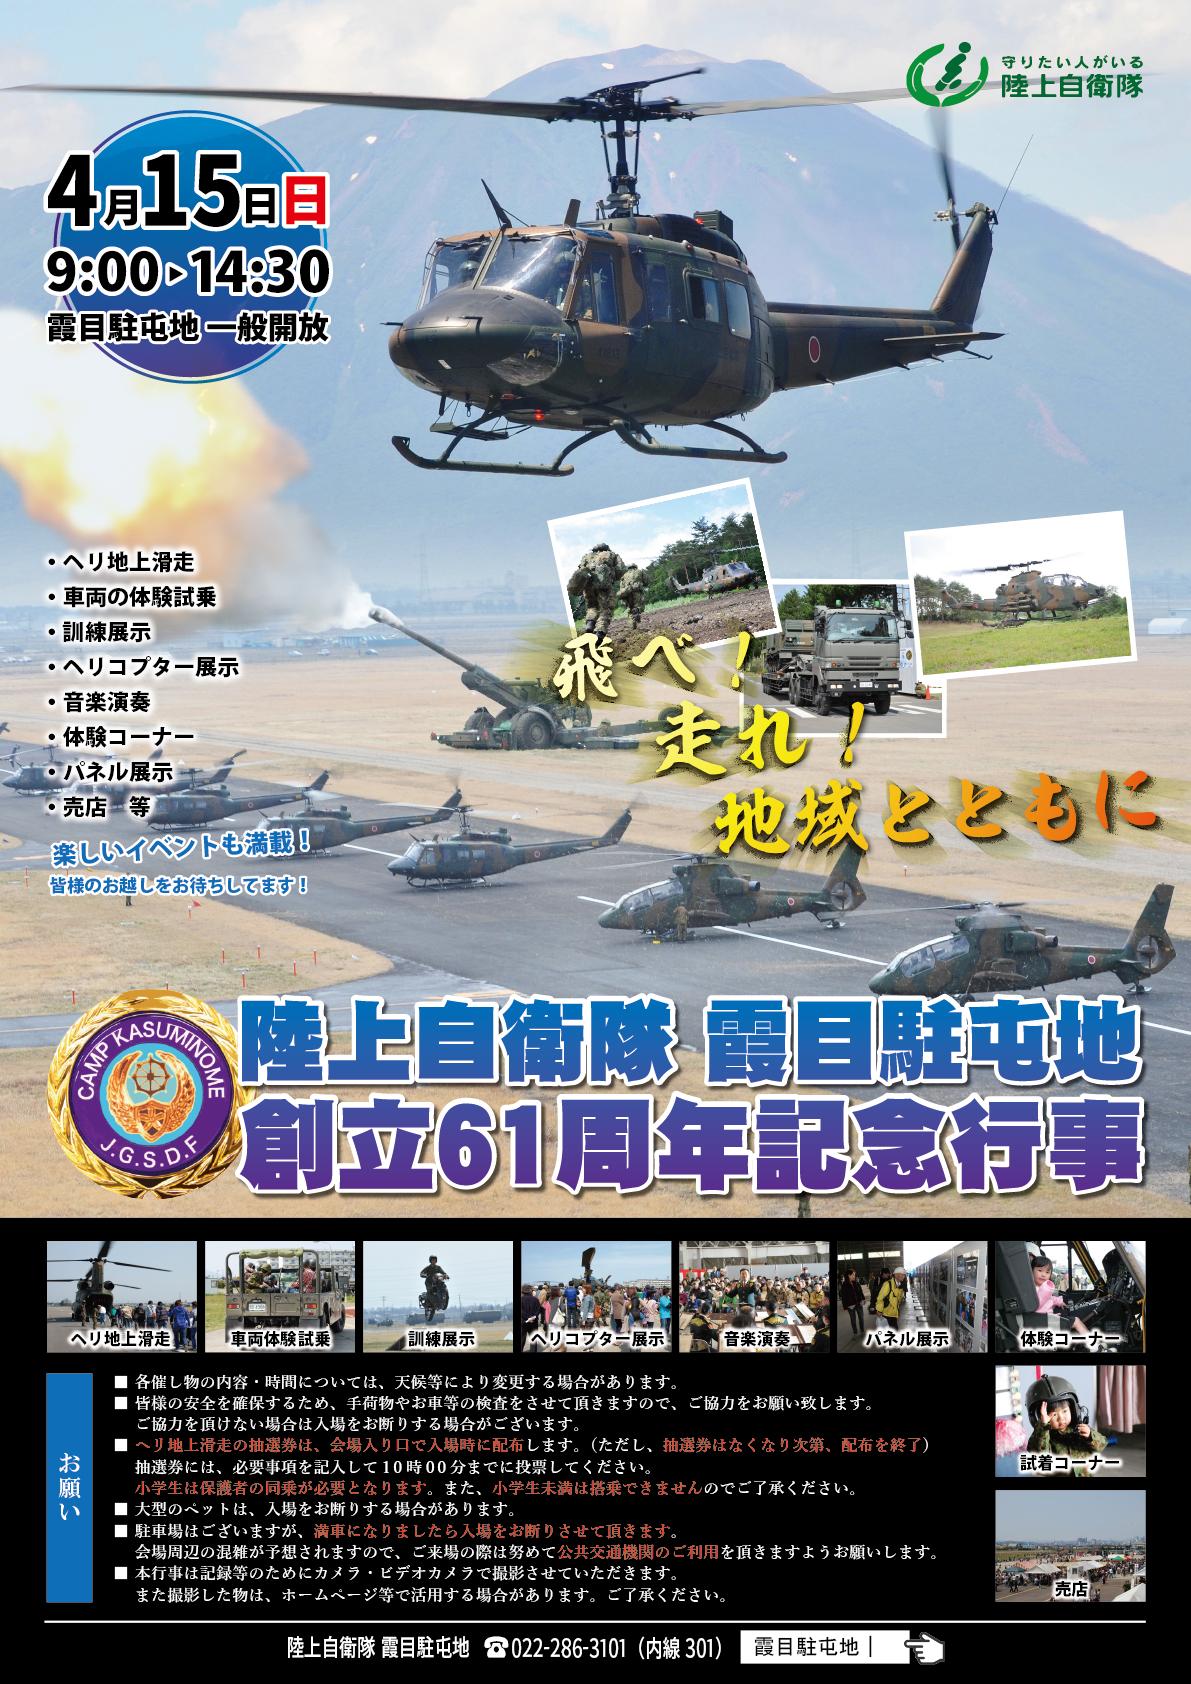 霞目駐屯地 創立61周年記念行事   FlyTeam イベント情報